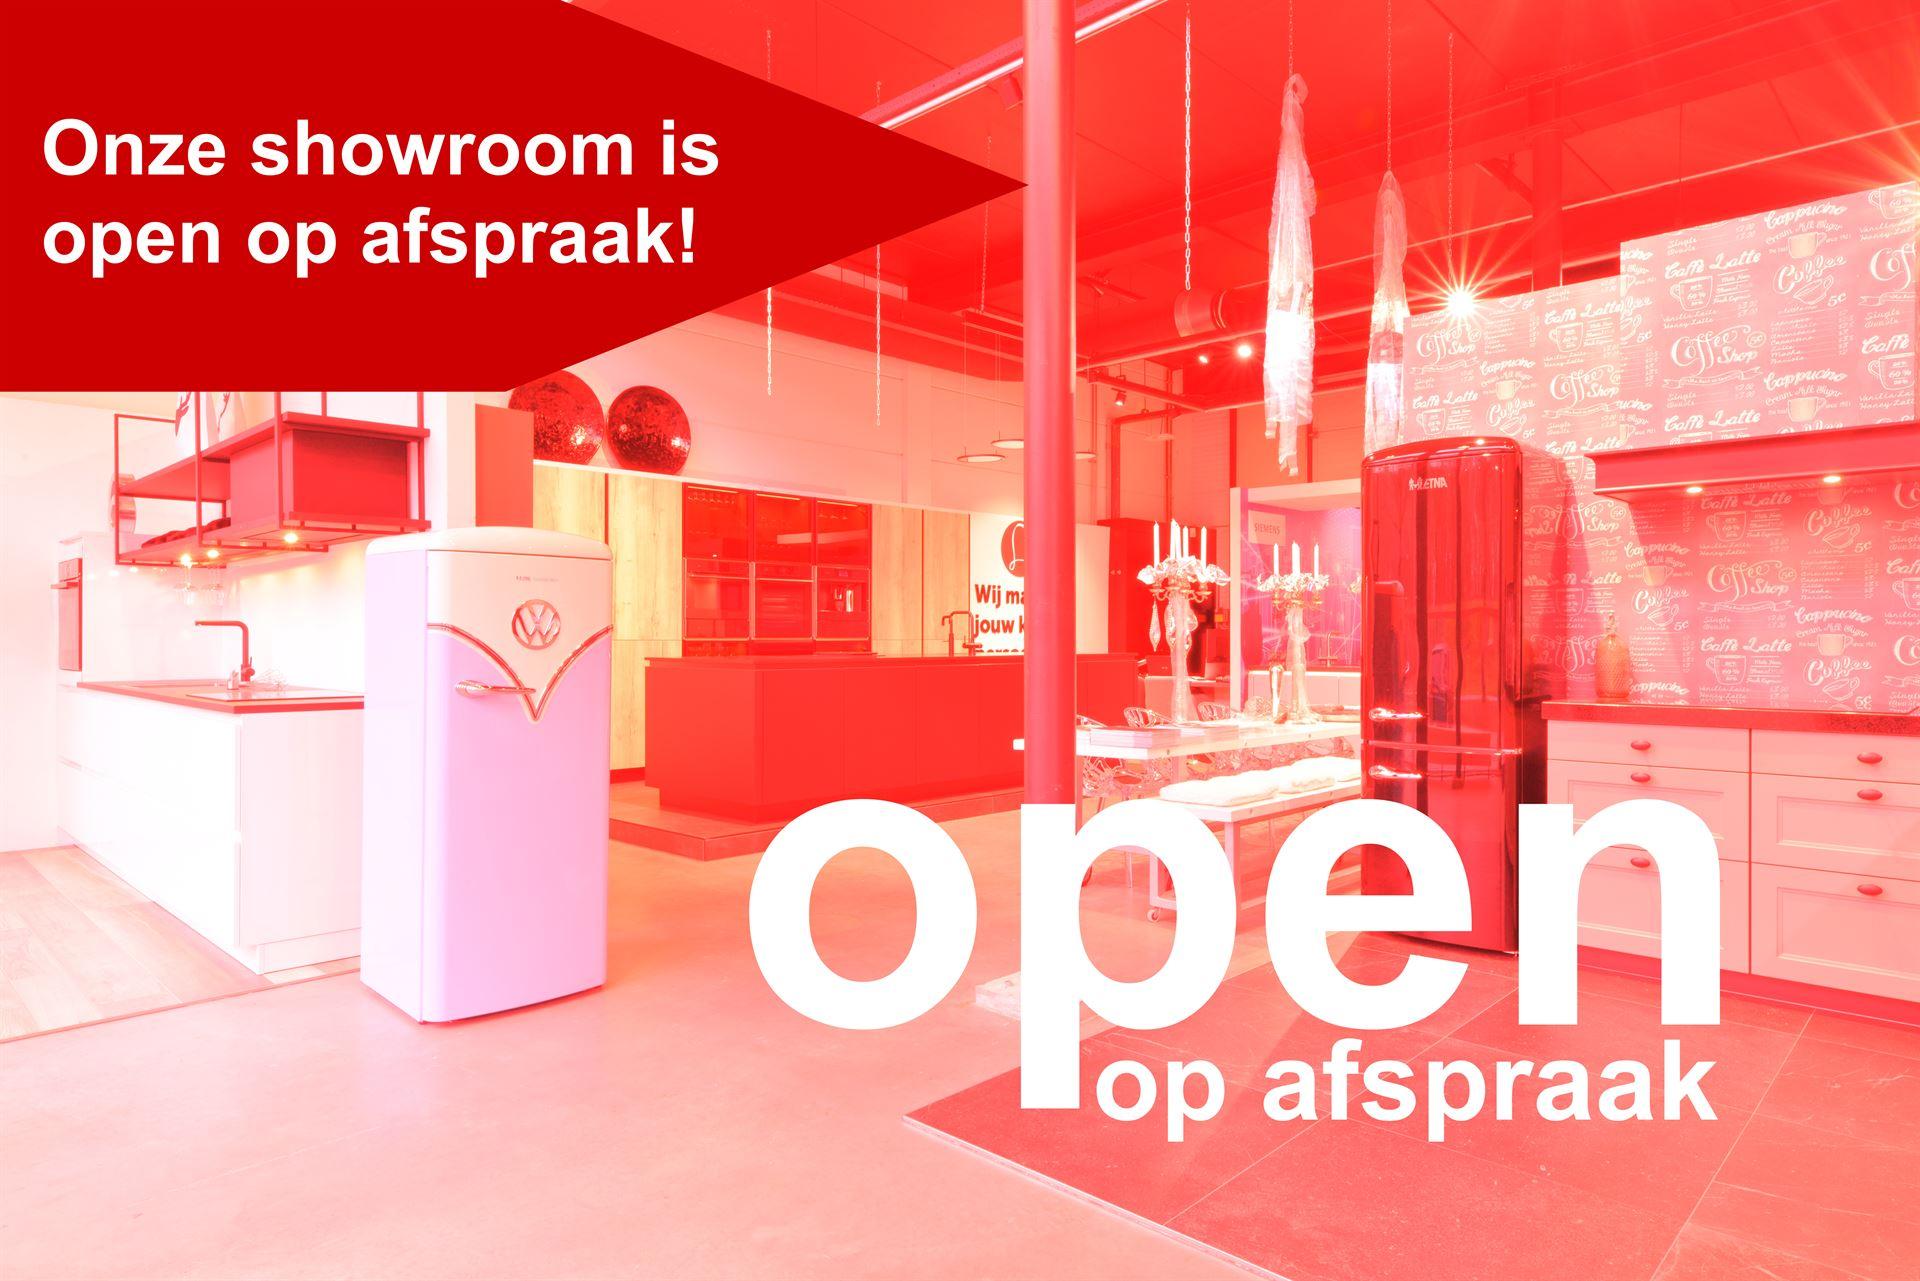 Showroom met retro koelkast volkswagen showroom open op afspraak